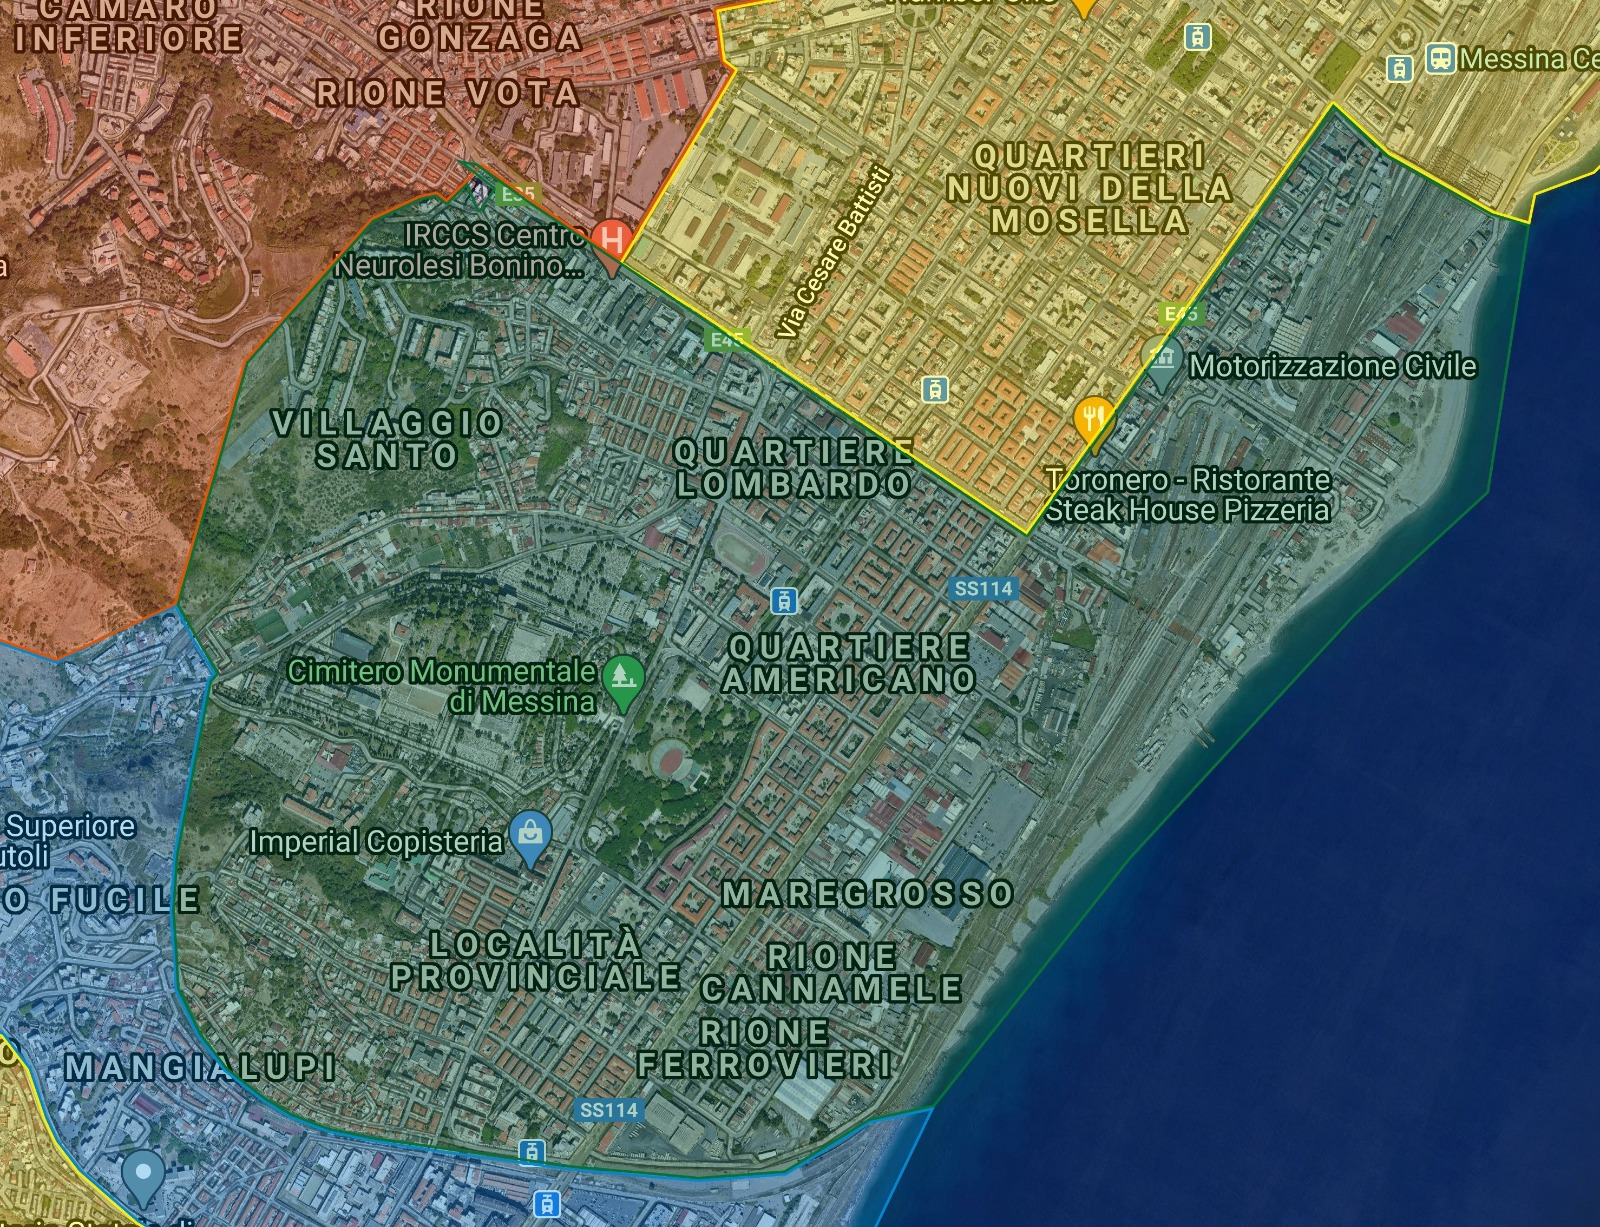 mappa della raccolta differenziata porta a porta in centro a messina